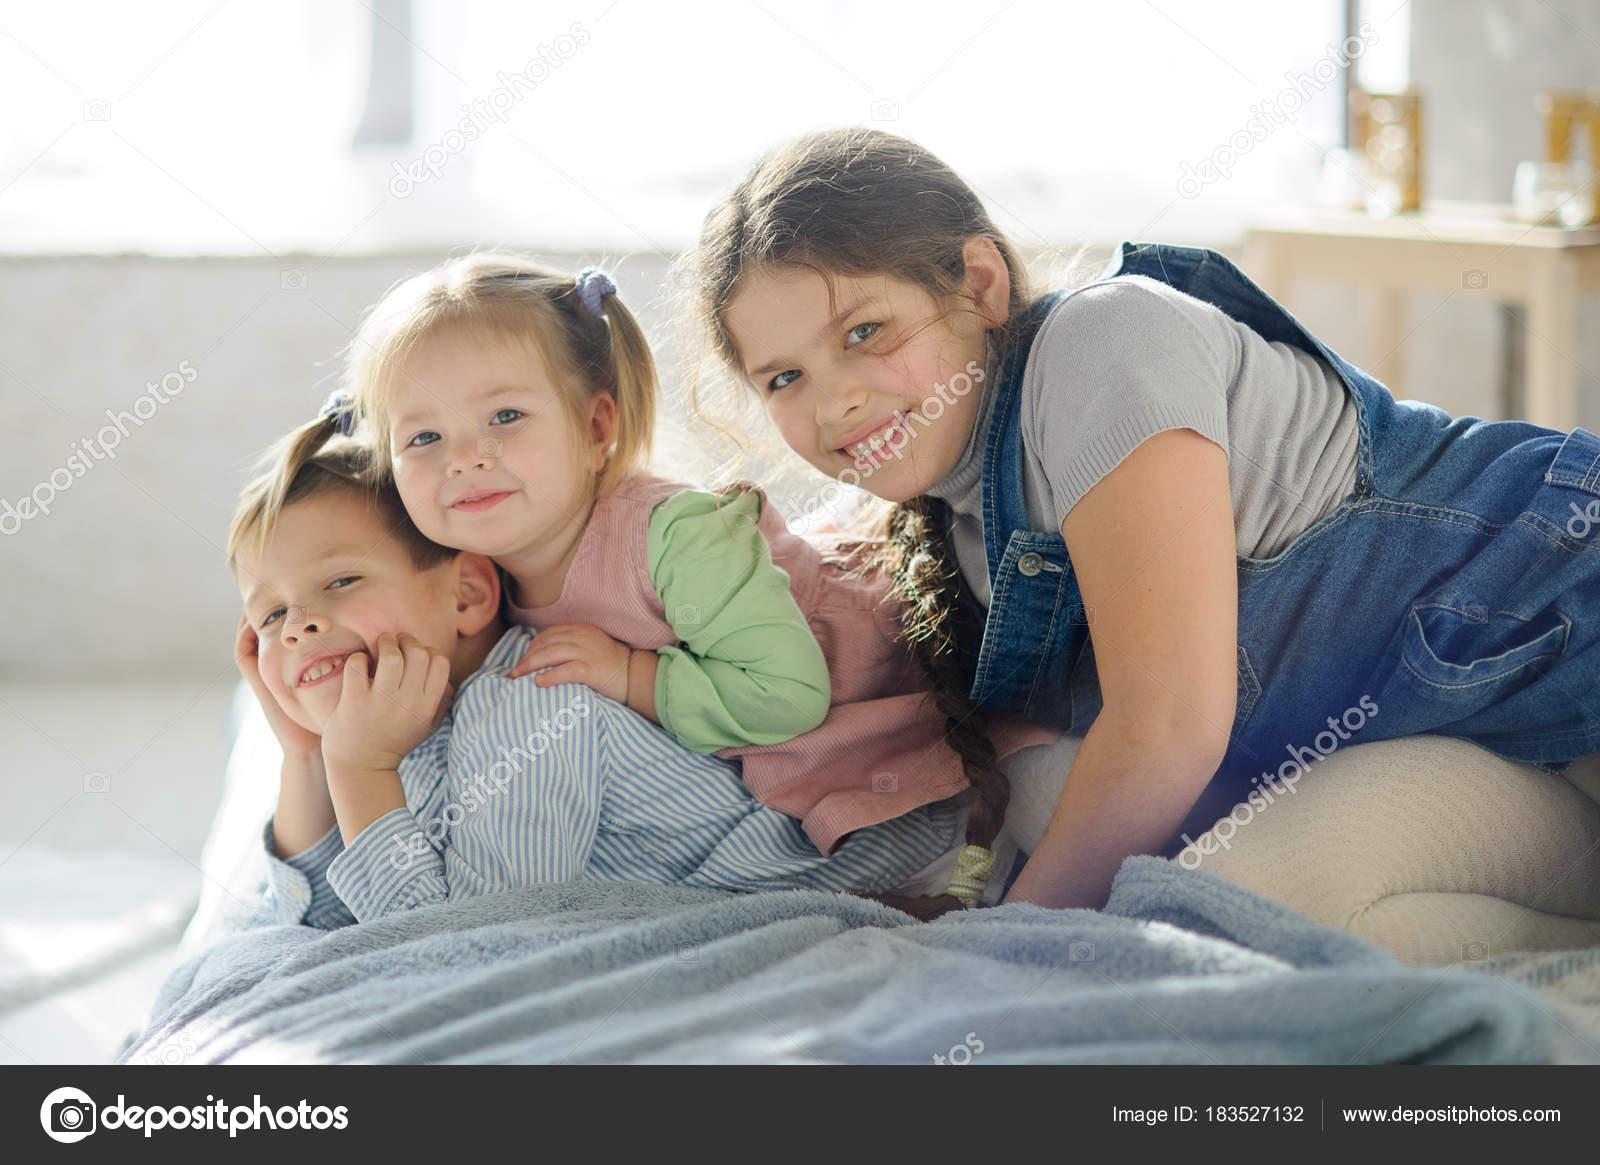 Русское брат кончил в сестру, Брат зашёл к сестре))) смотреть онлайн видео брат 12 фотография